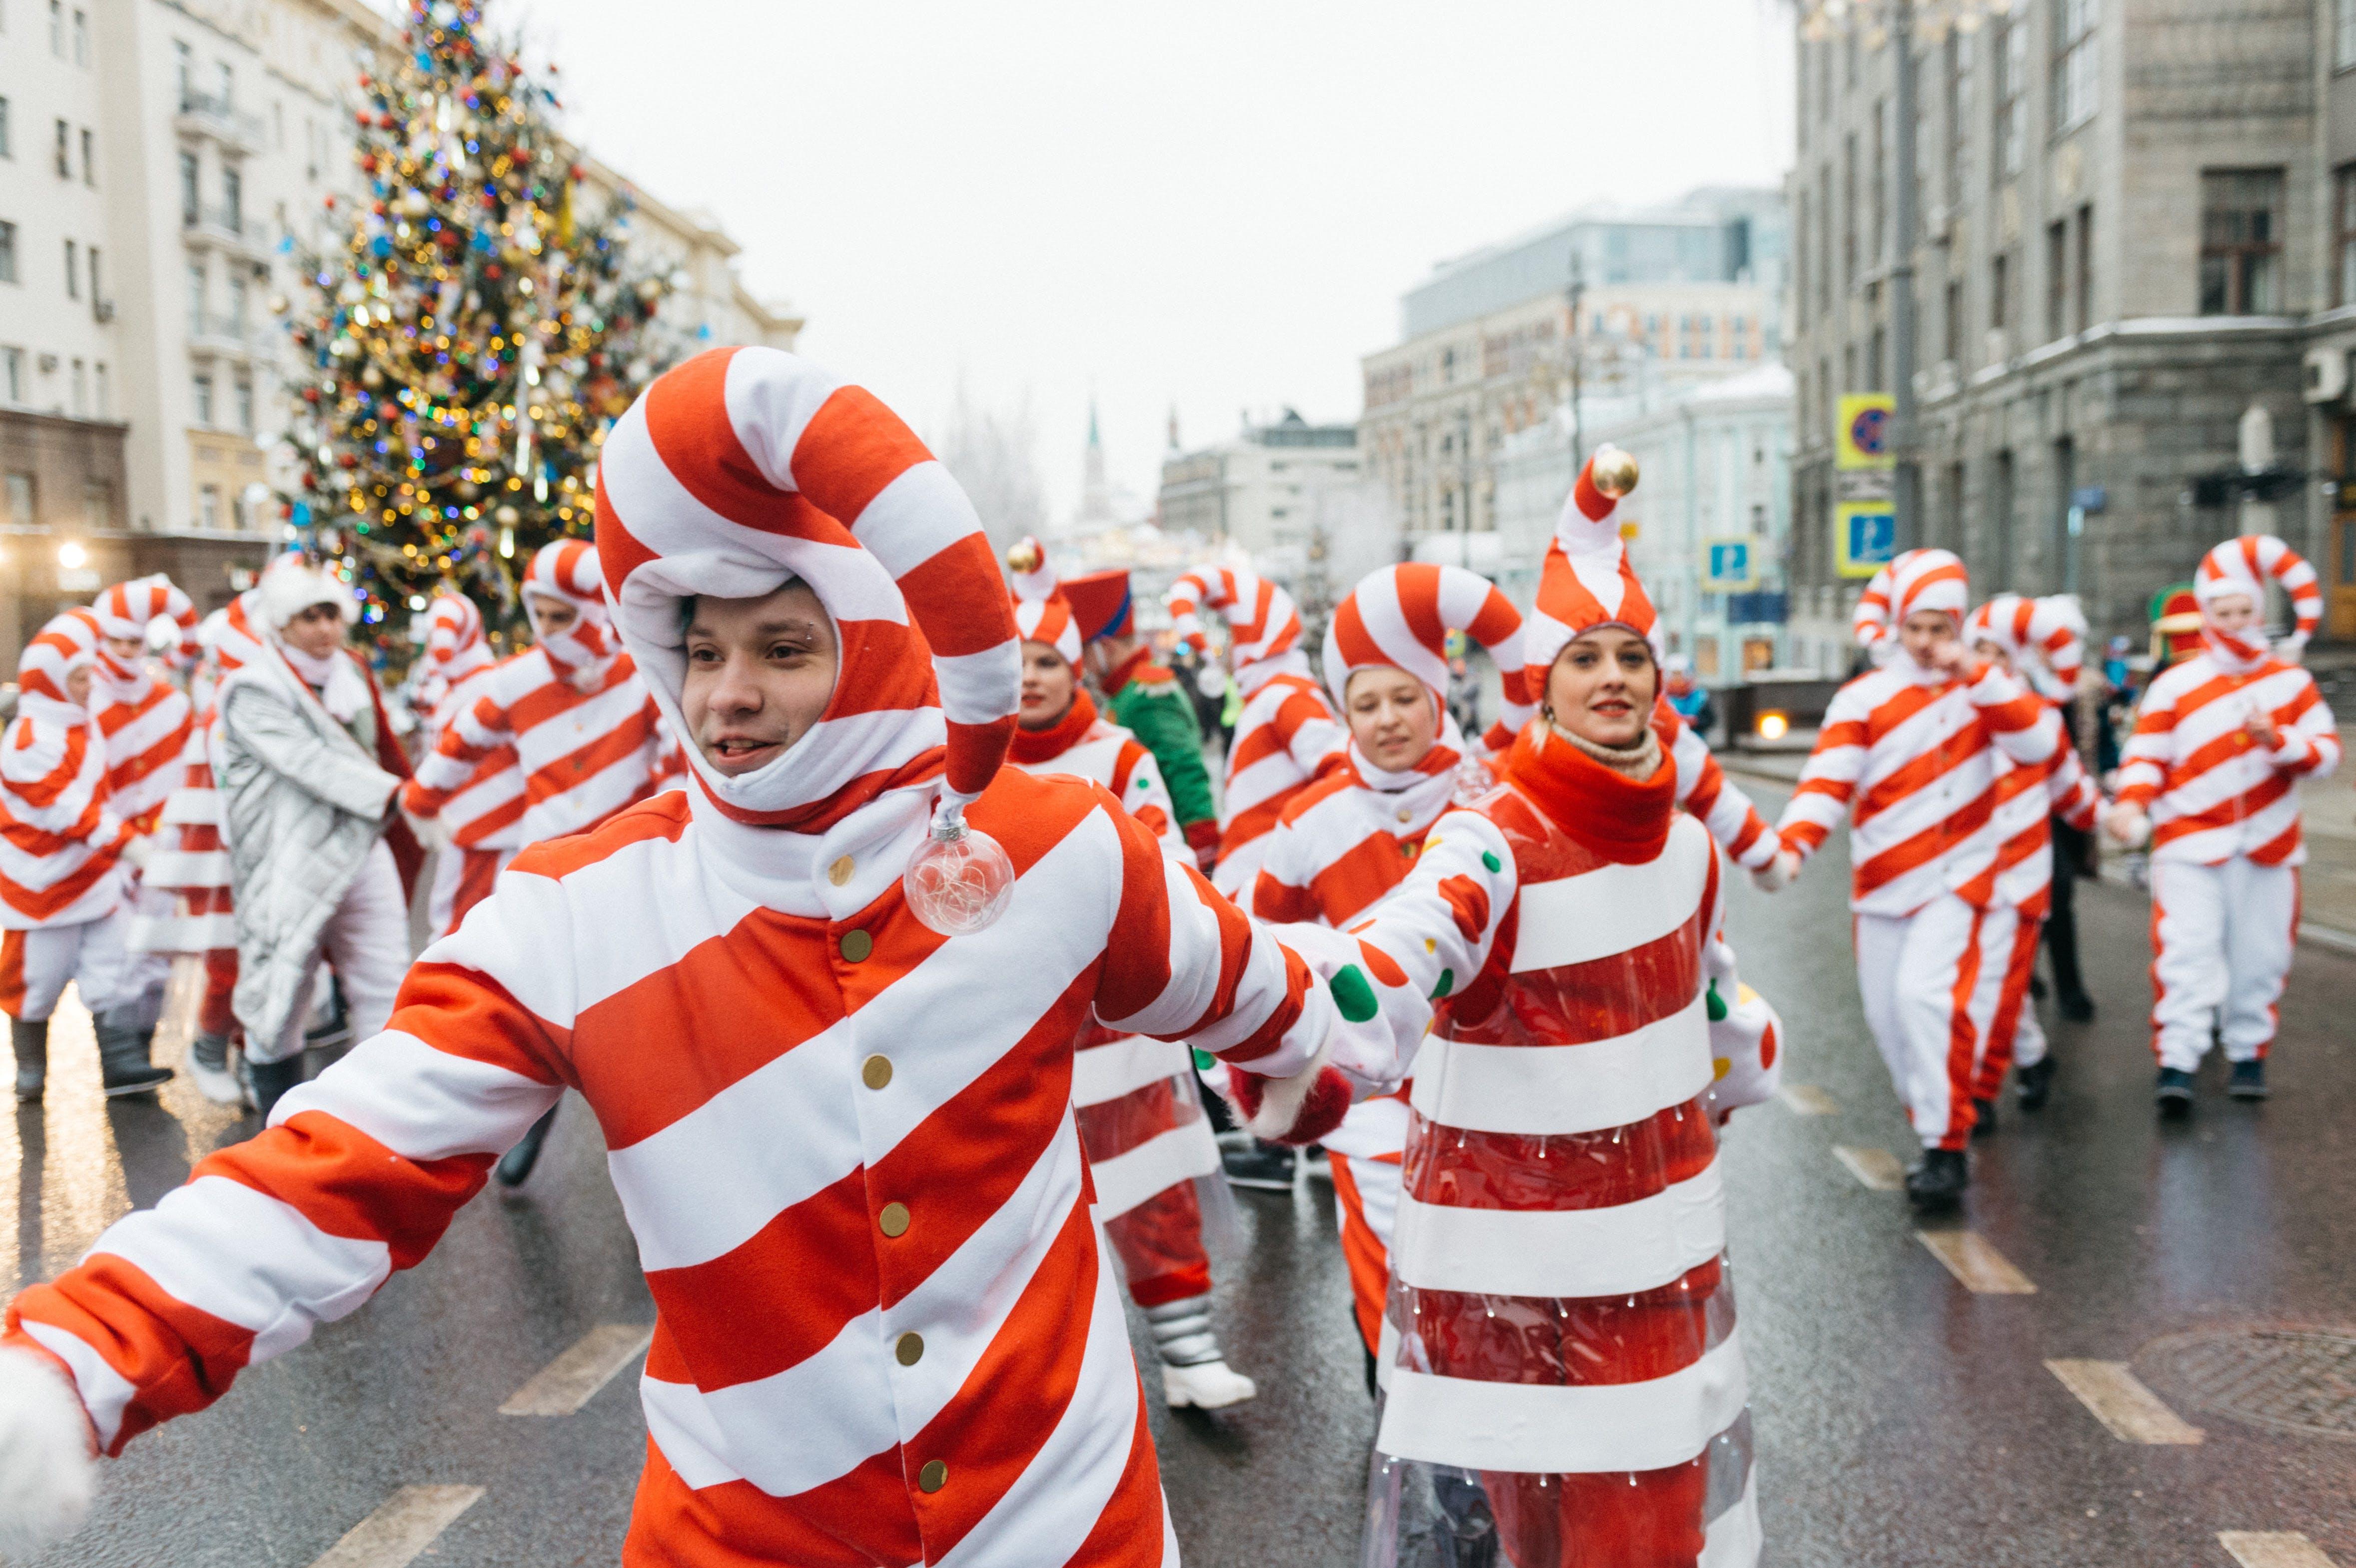 Kostnadsfri bild av firande, folkmassa, gata, kostym